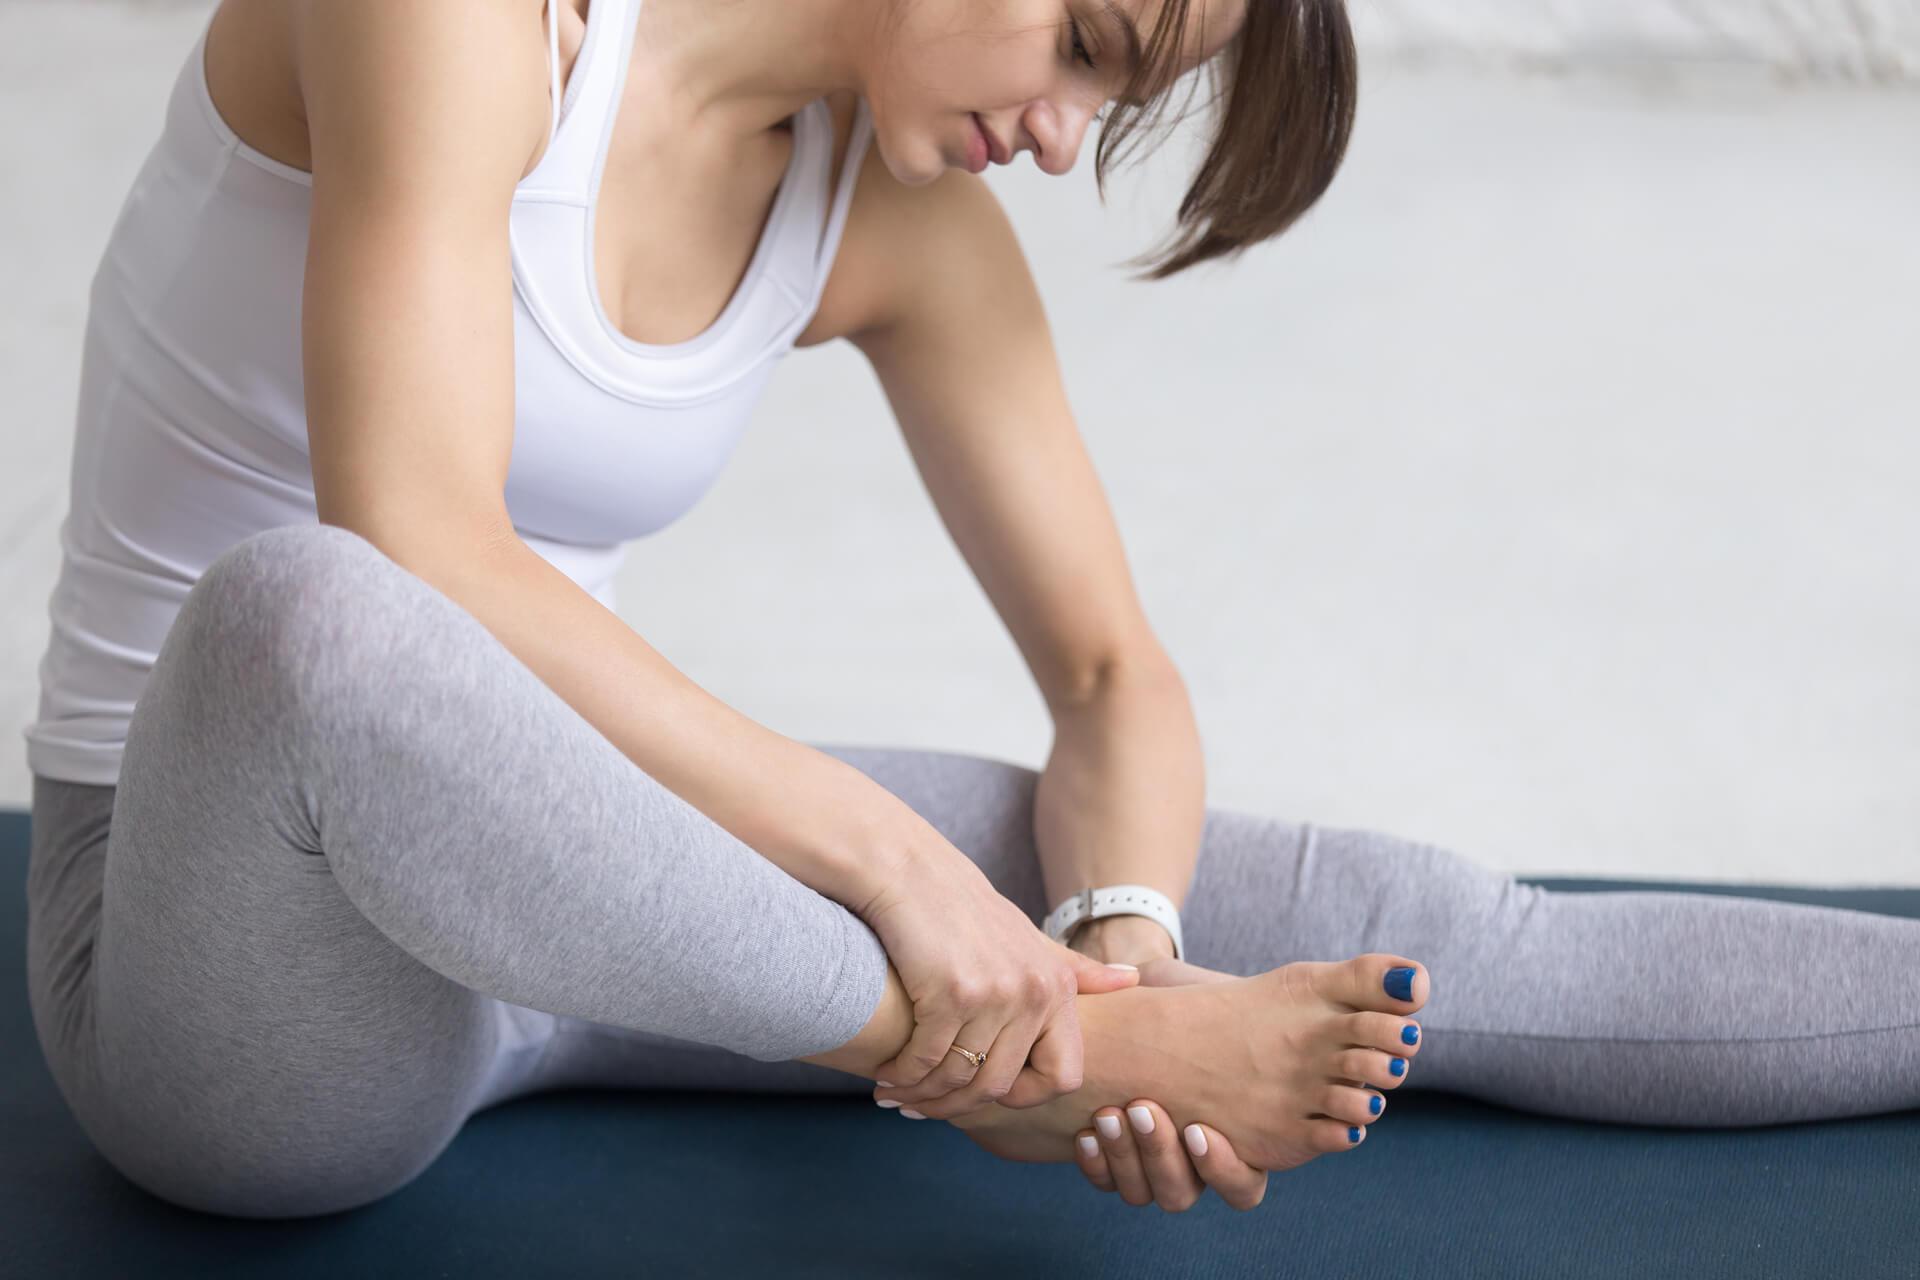 Ankle Sprain 2